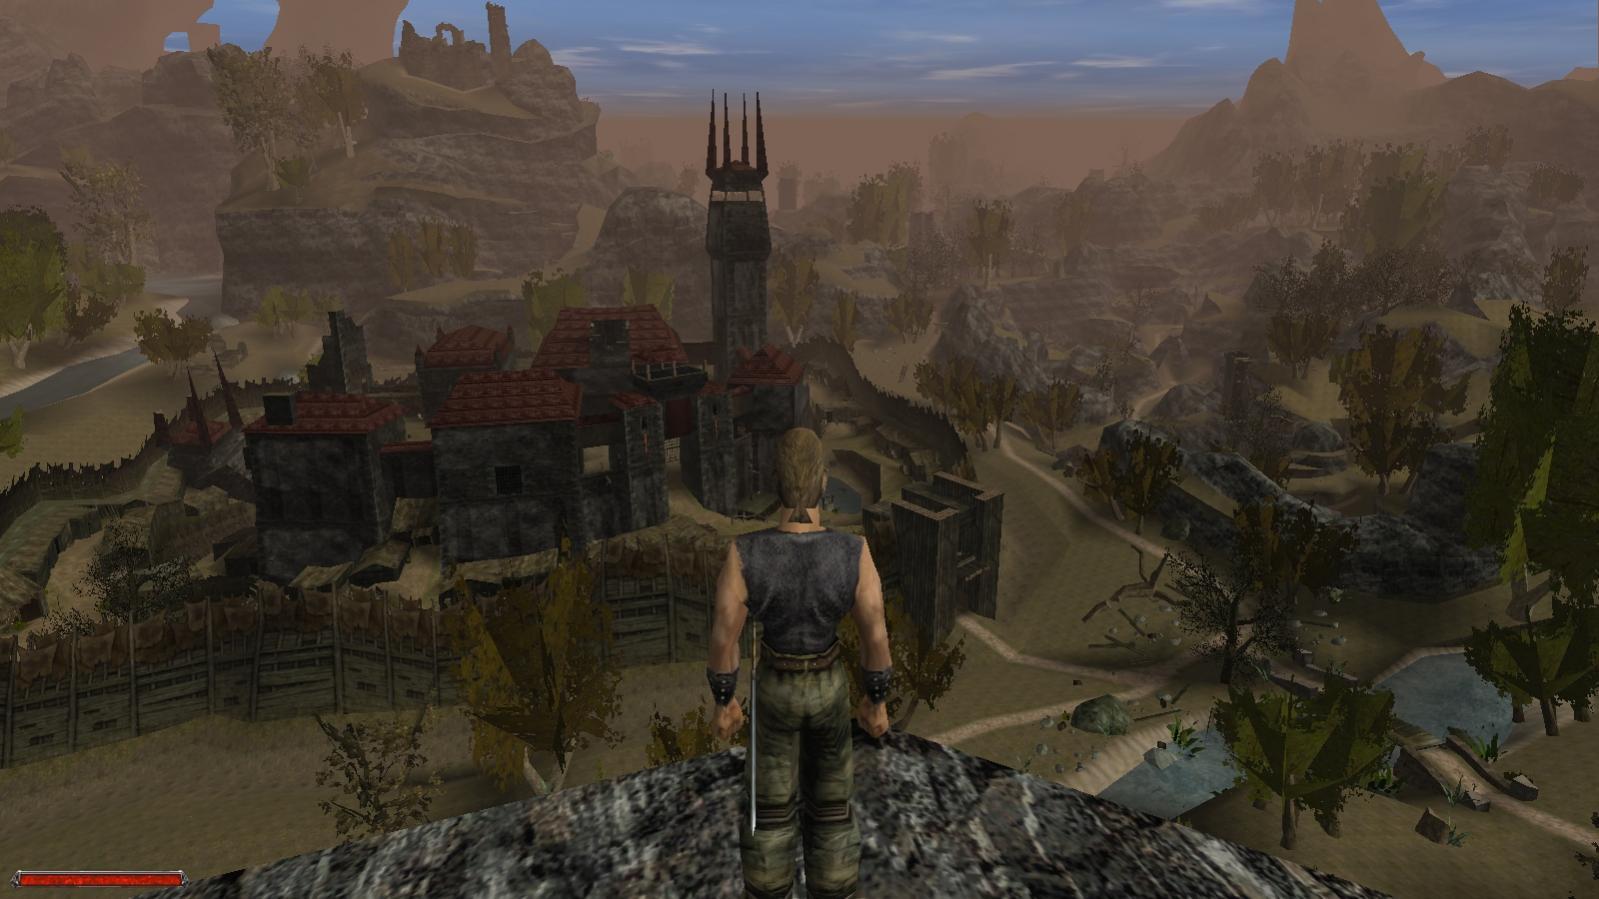 Blick über das Tal: unser Held bahnt sich seinen Weg durch weite Landschaften. (Bild: Florian Merz)